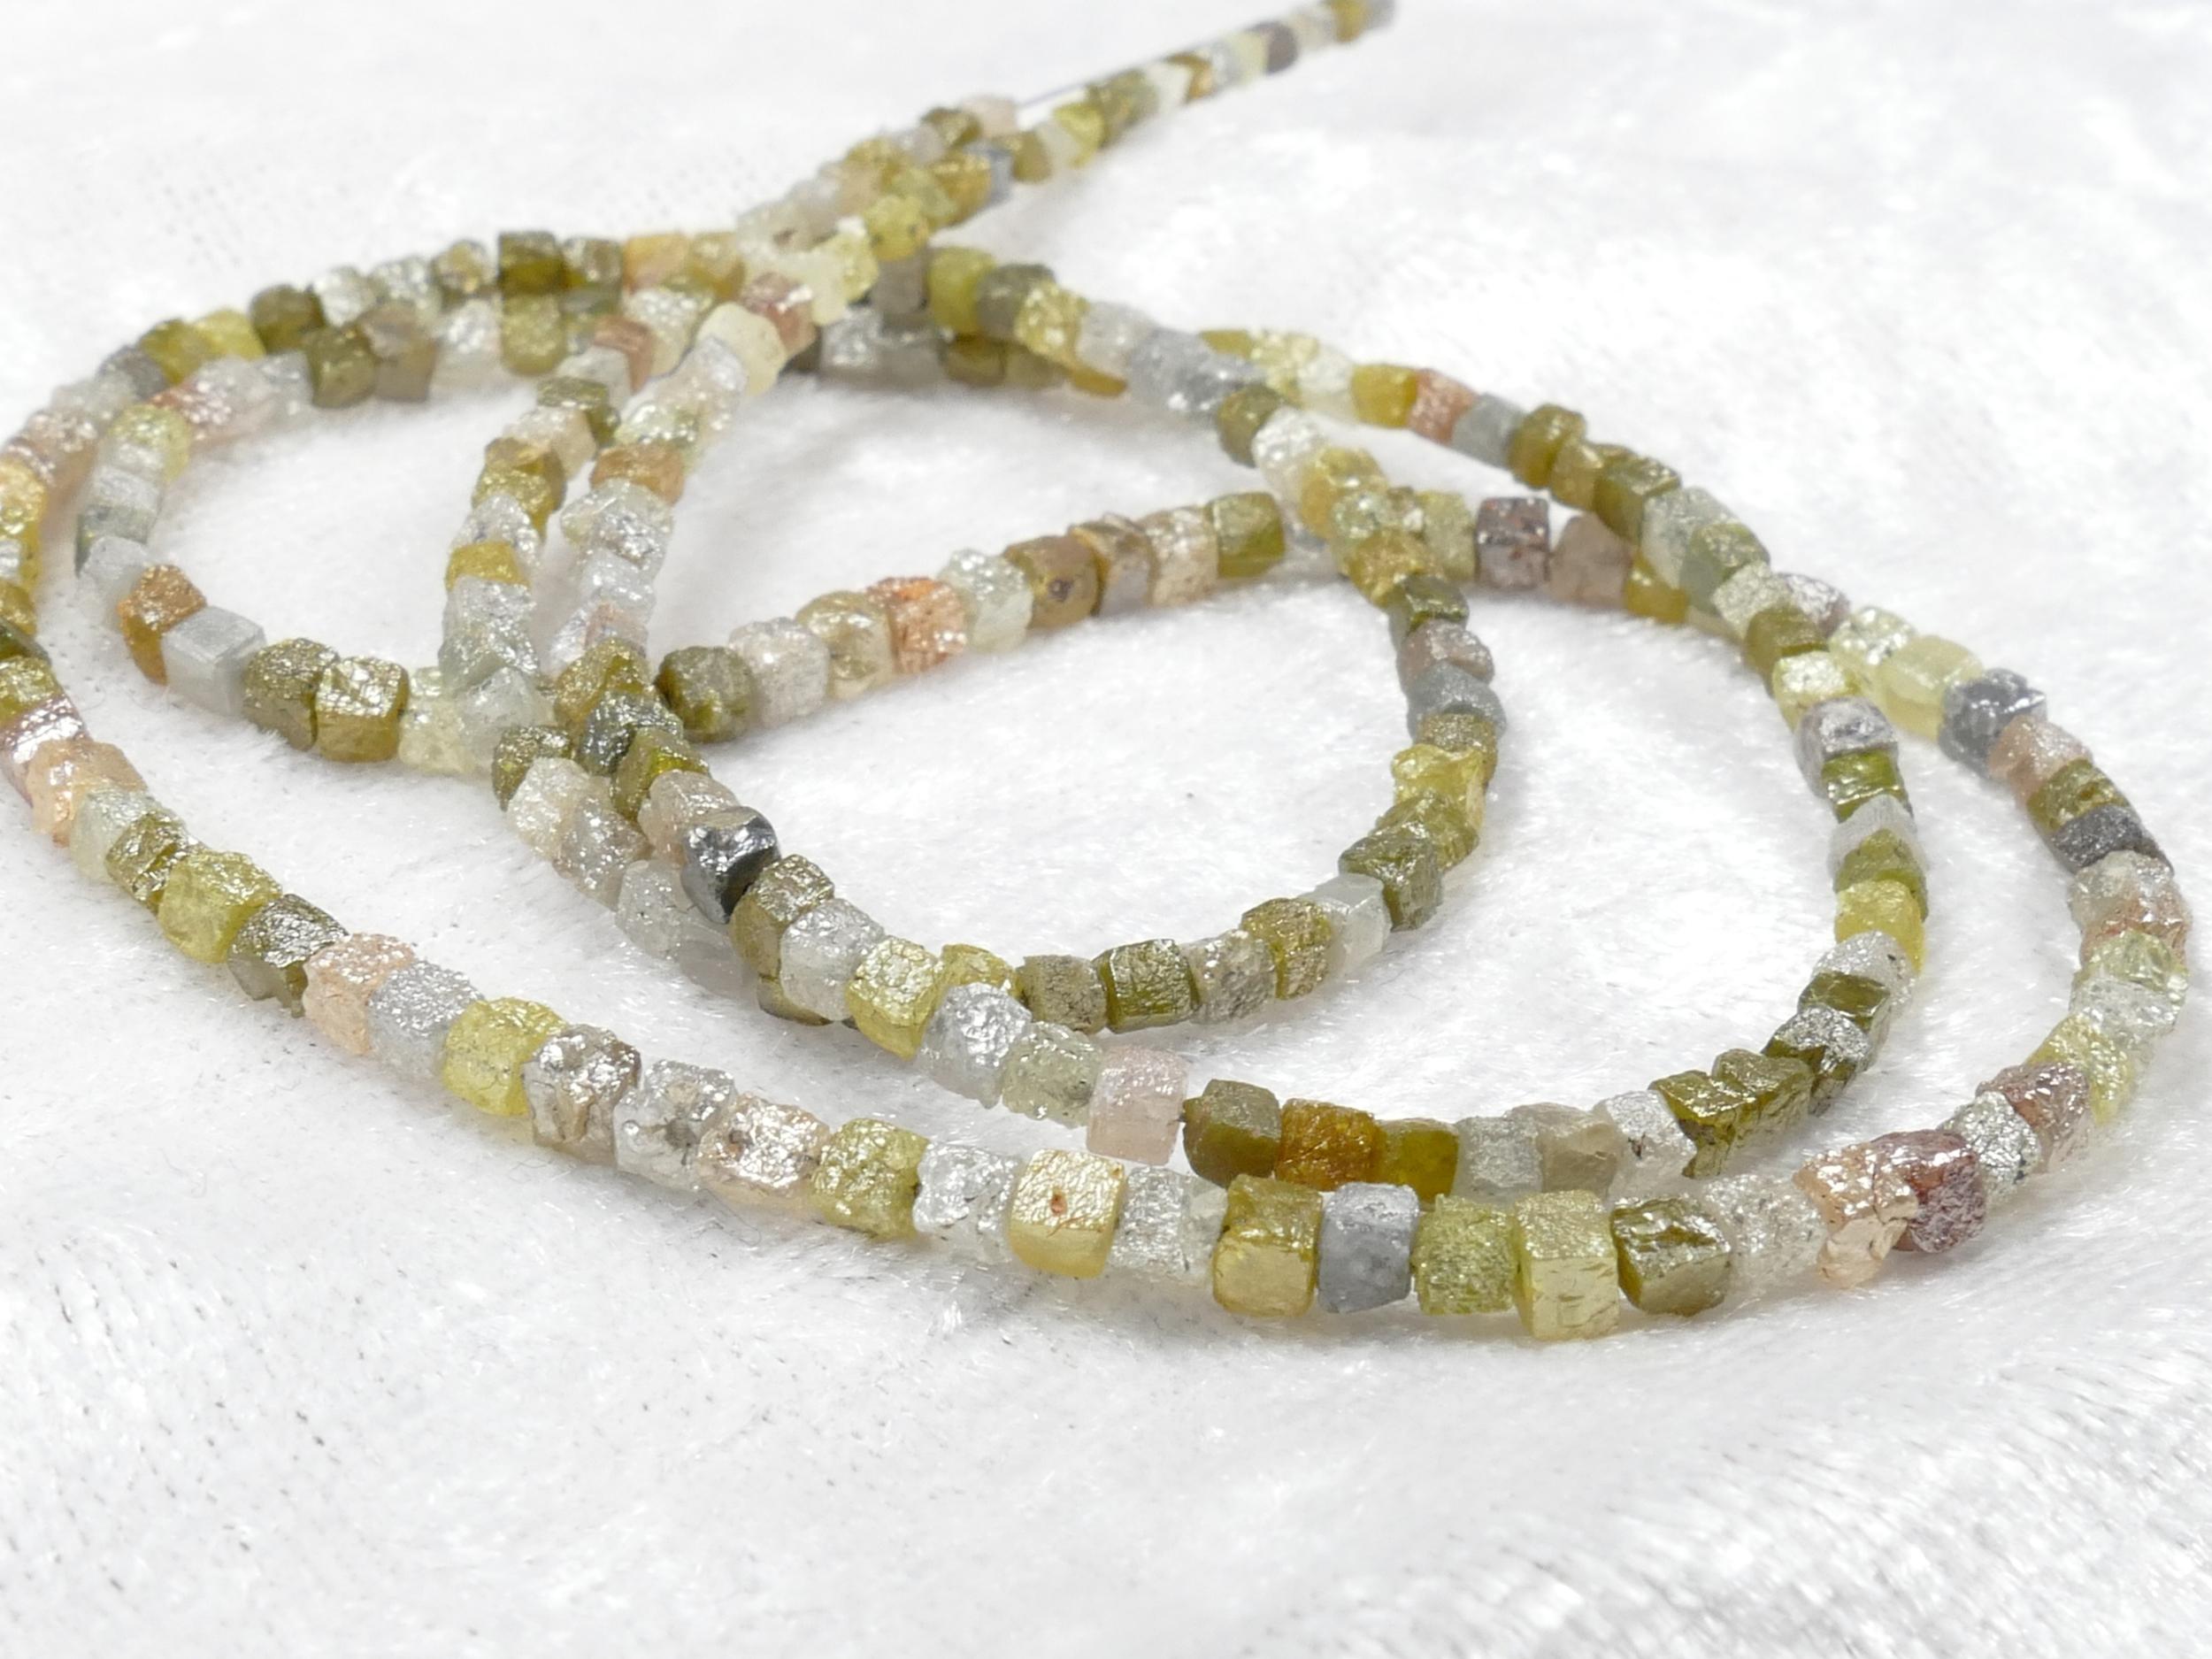 1.8/2.4mm x8 Perles de Diamant naturel brut forme cubique cube percée mélange gris jaune verdâtre trou 0.3mm (#AC1034)